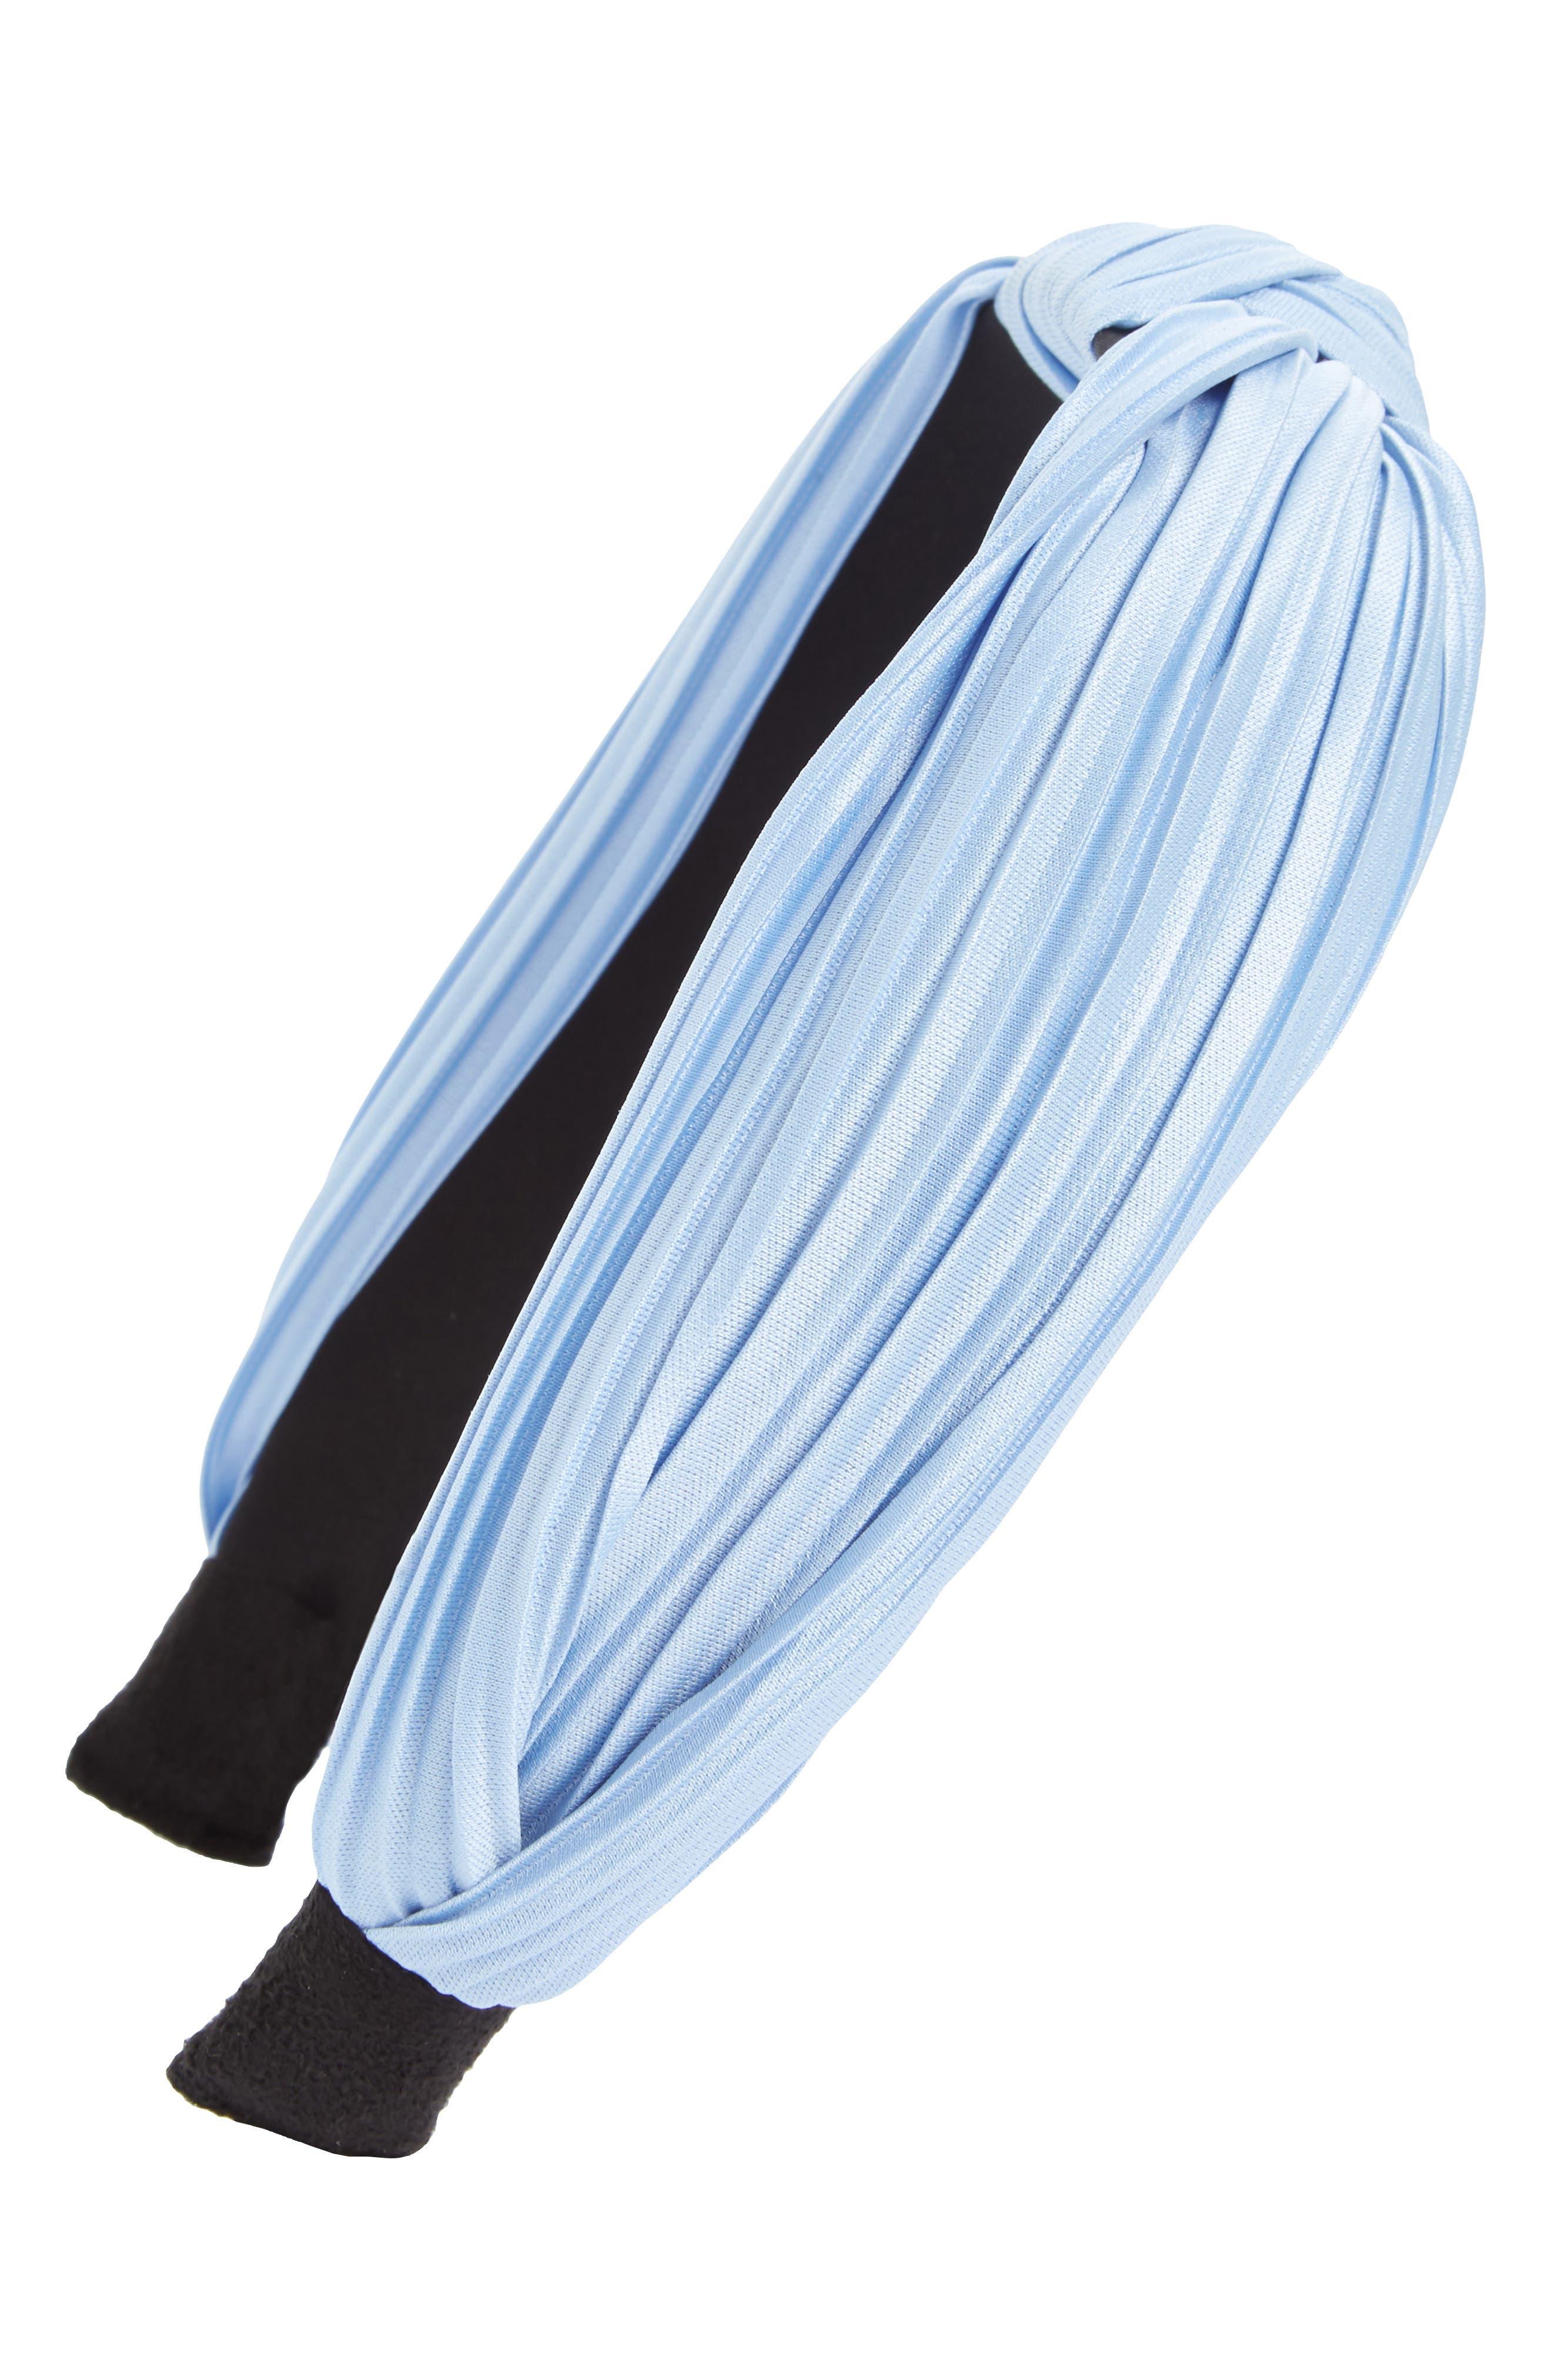 CARA, Pleated Knot Headband, Main thumbnail 1, color, 400